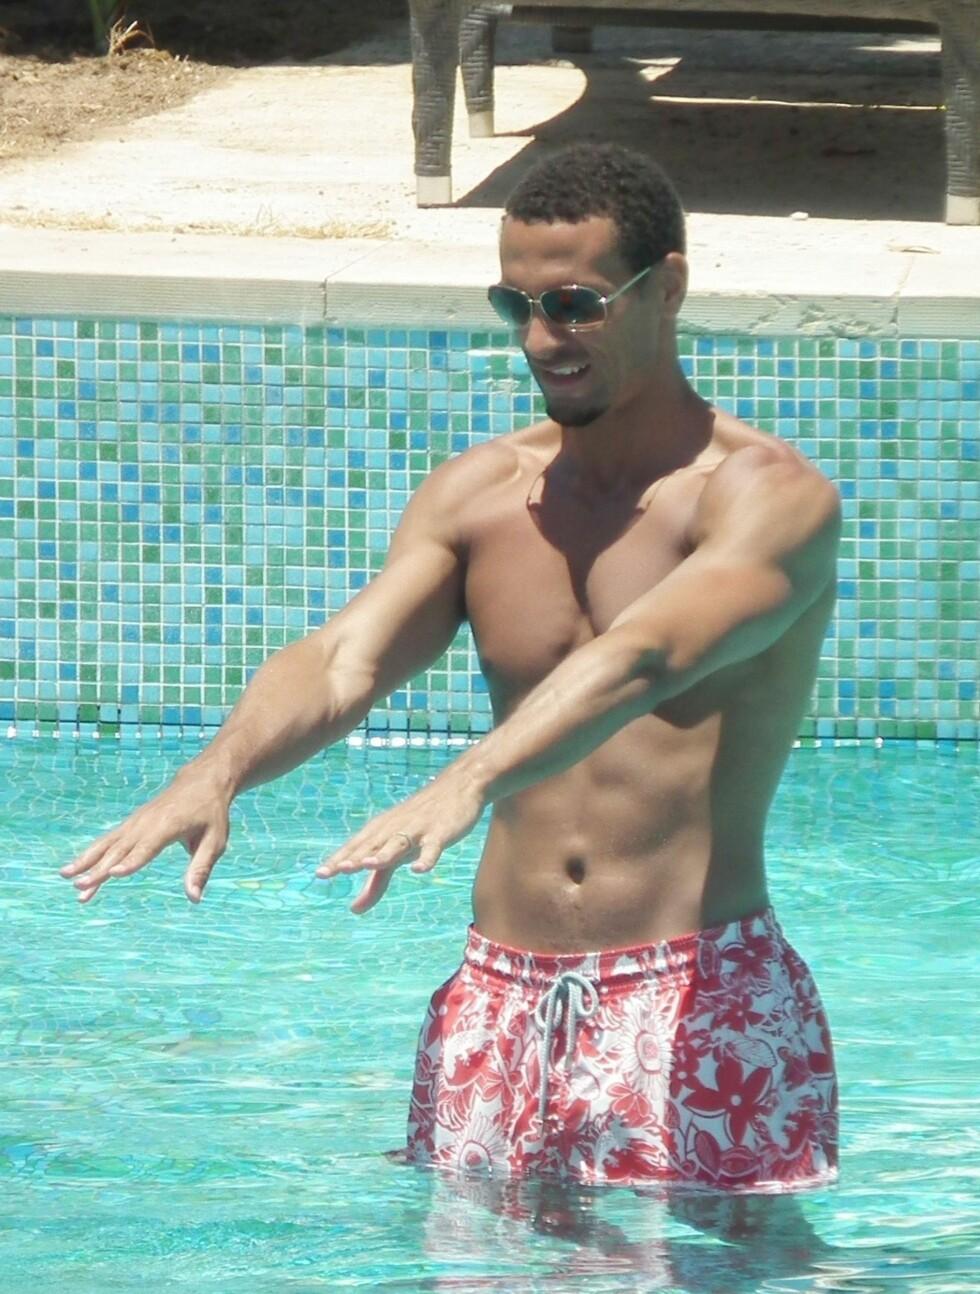 <strong>VANNGYMNASTIKK:</strong> Rio Ferdinand får rikelig med tid til egentrening i svømmebassenget i sommerferien. Foto: FameFlynet Sweden